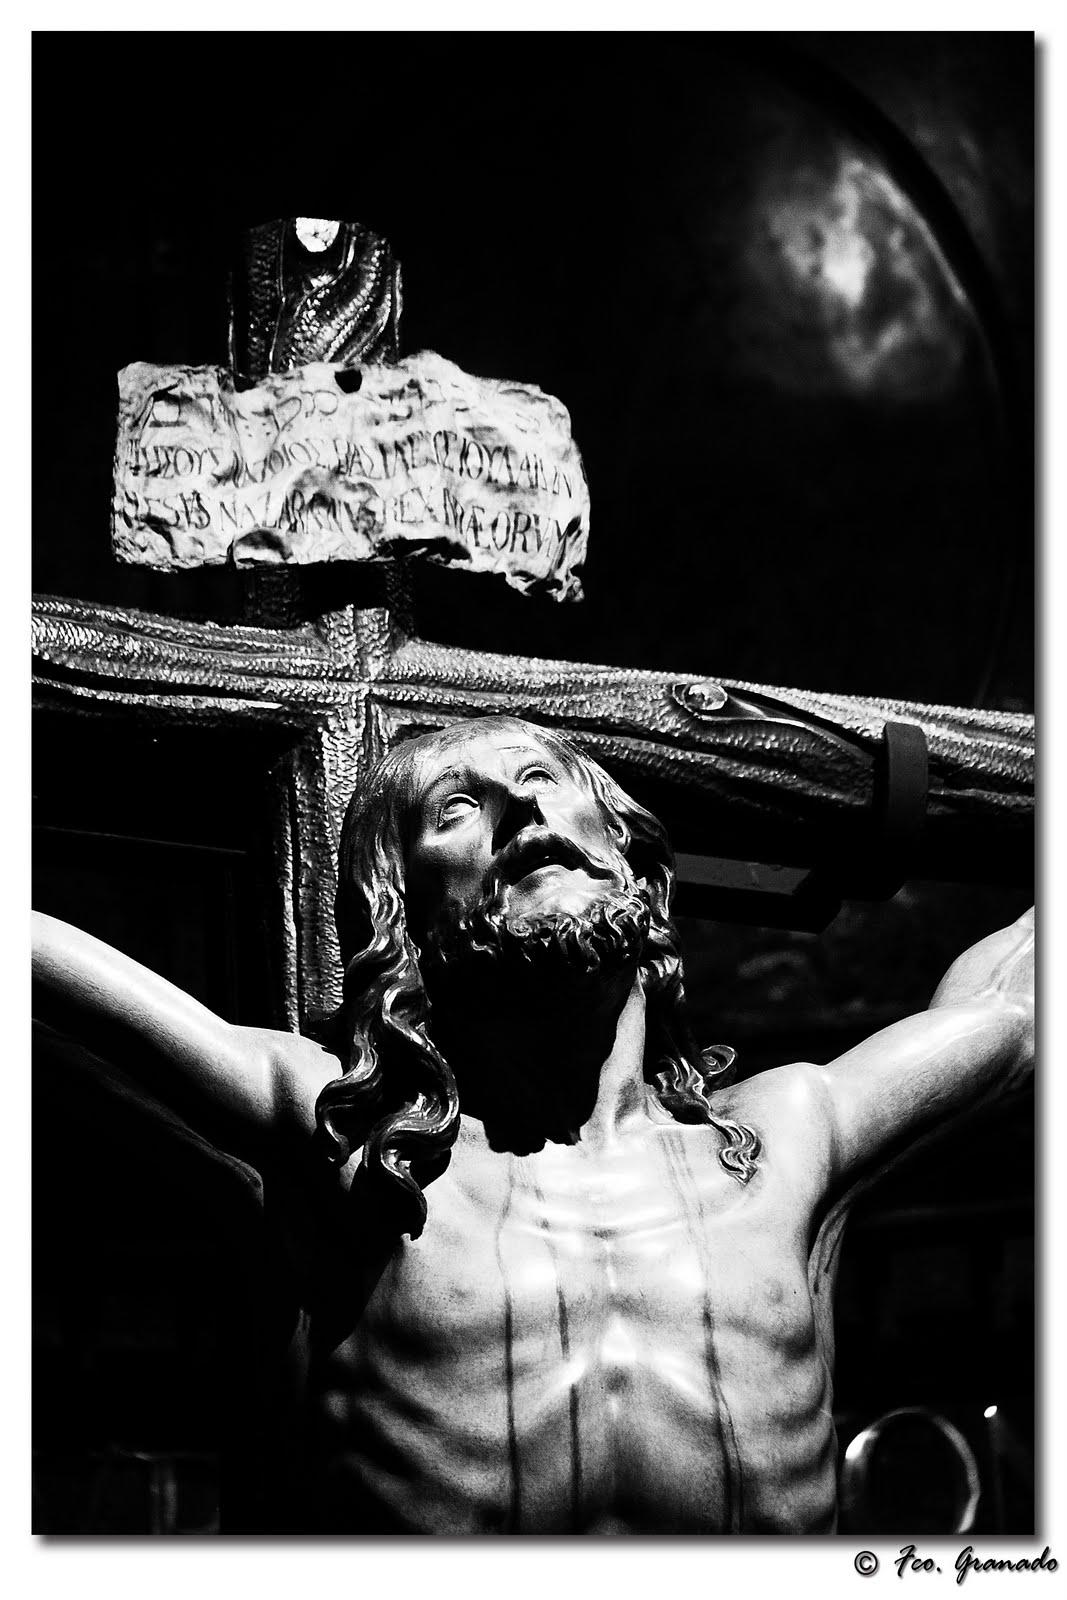 http://franciscogranadopatero35.blogspot.com.es/2011/03/santisimo-cristo-de-la-expiracion-y-su.html